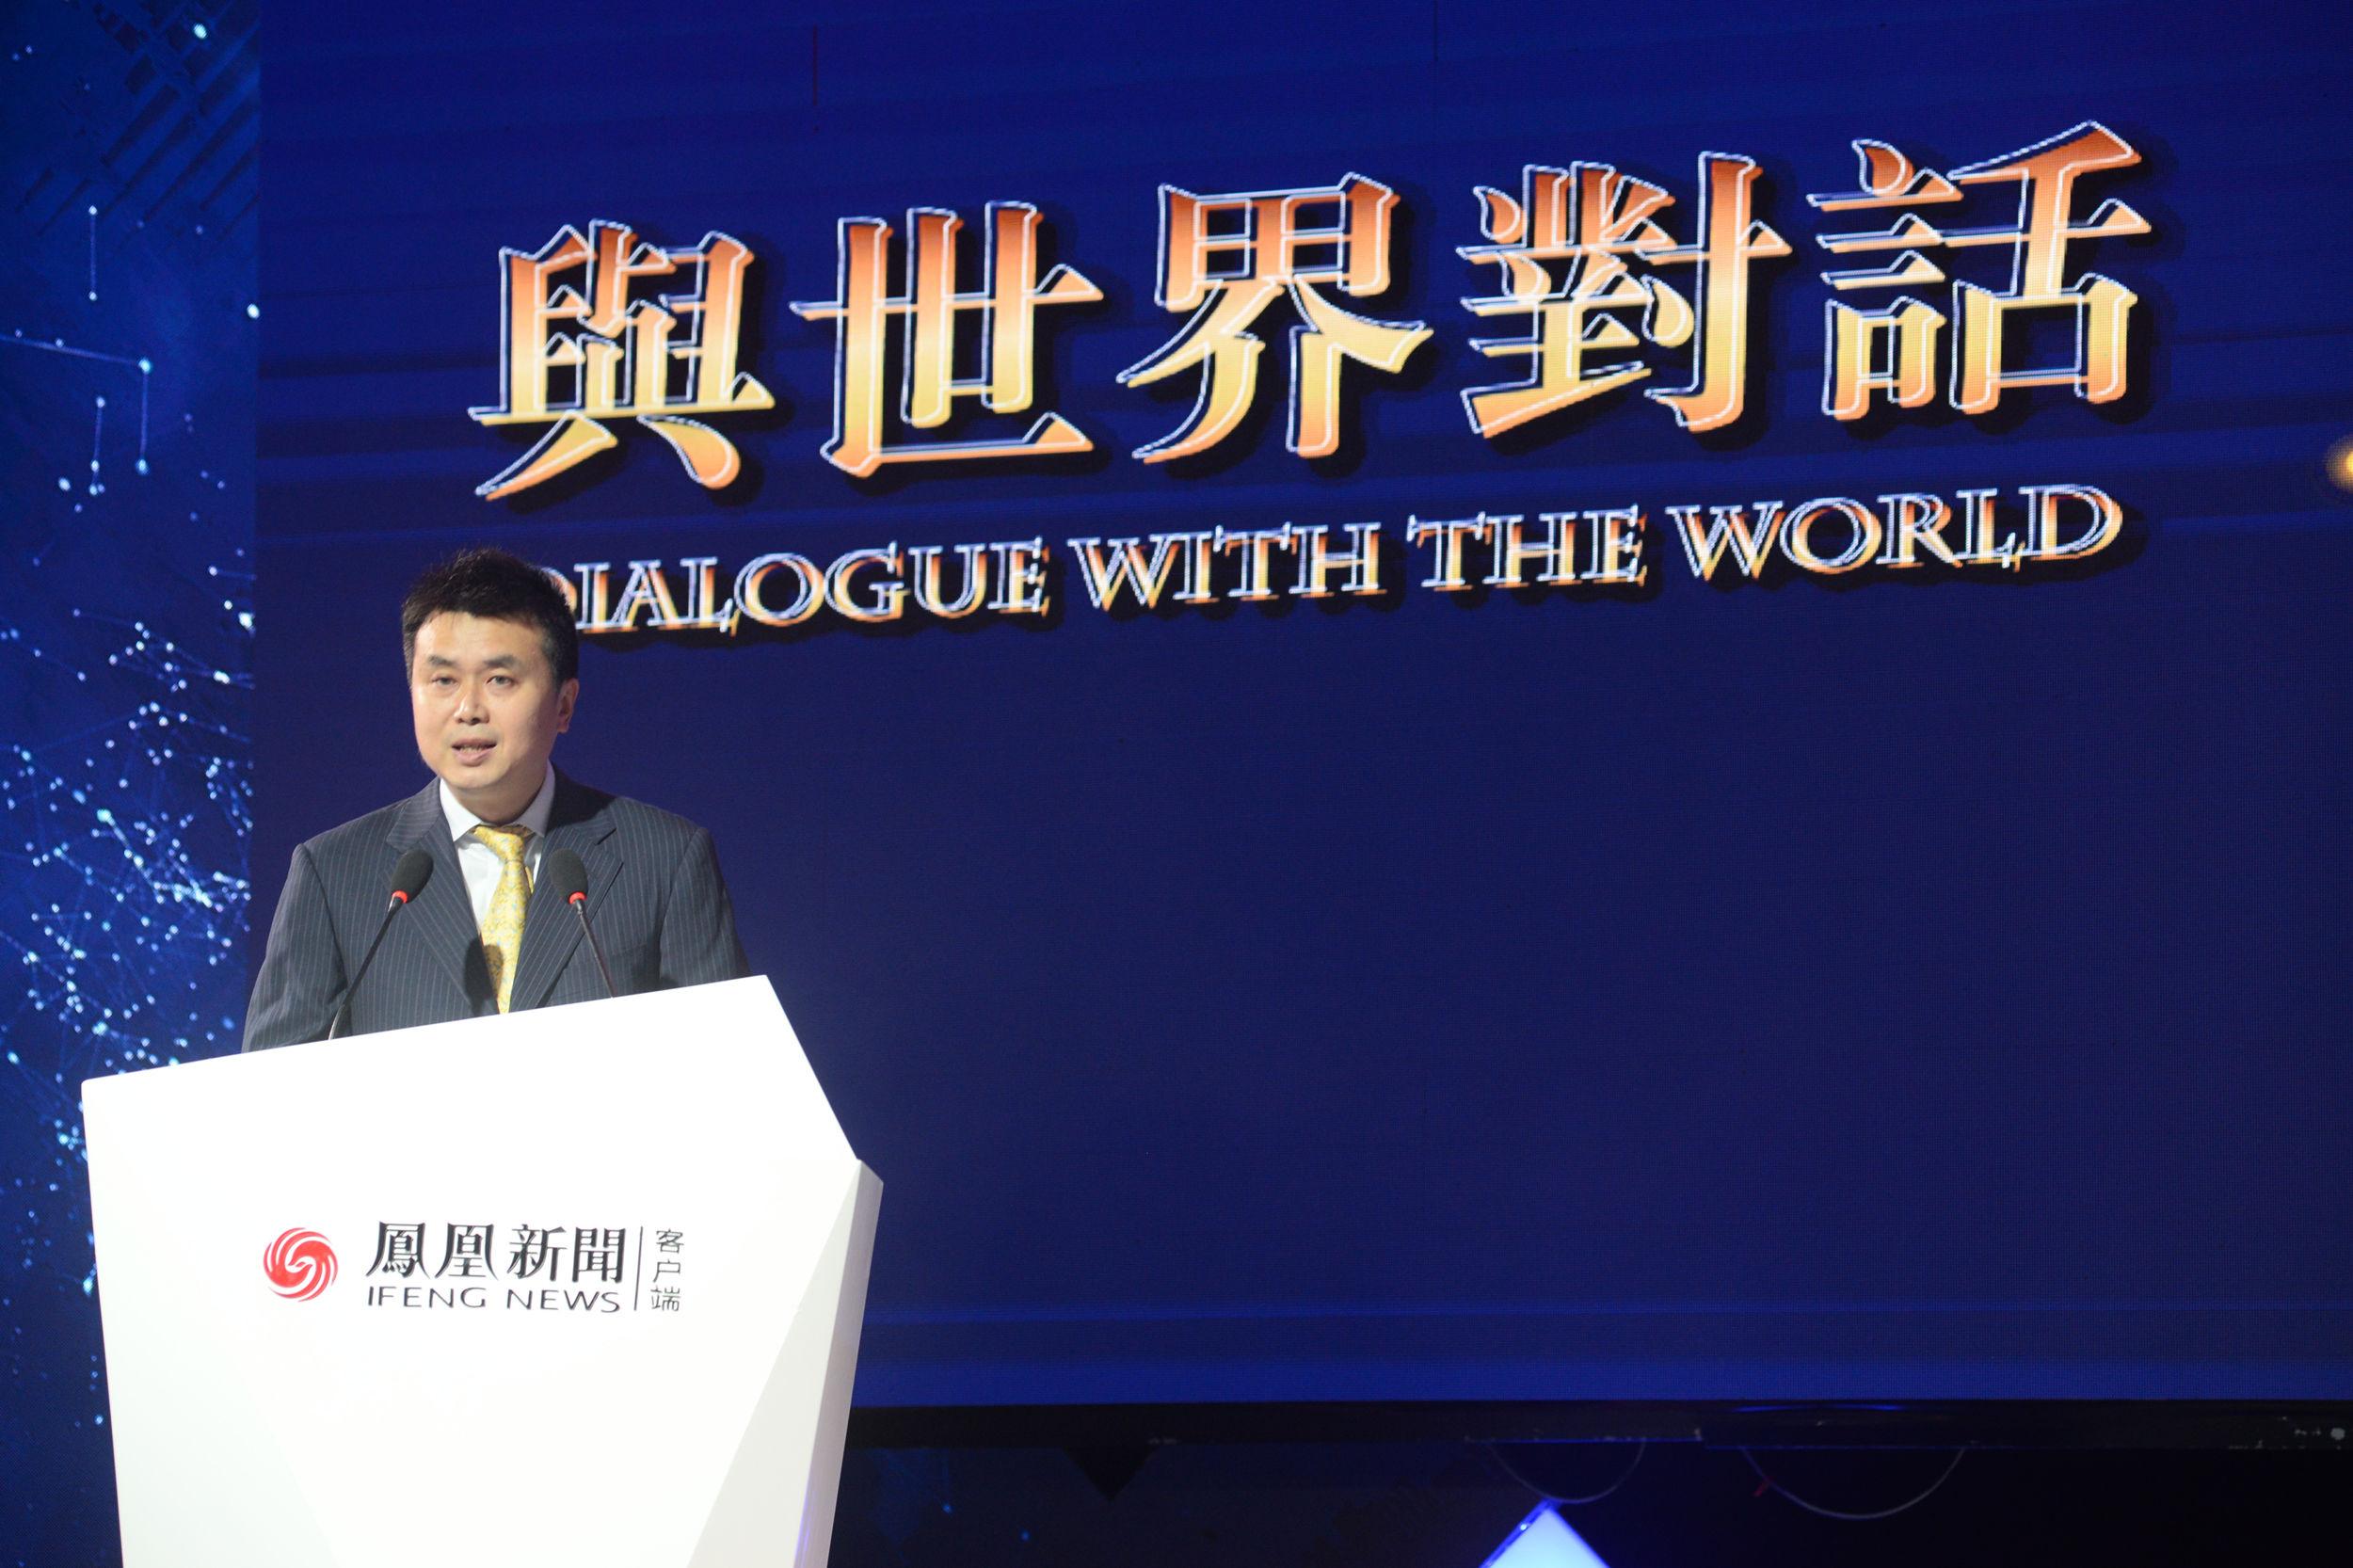 """香港六喝彩2015年开奖世界乱局如何定位中国新角色?他们在凤凰""""与世界对话""""后这样说"""